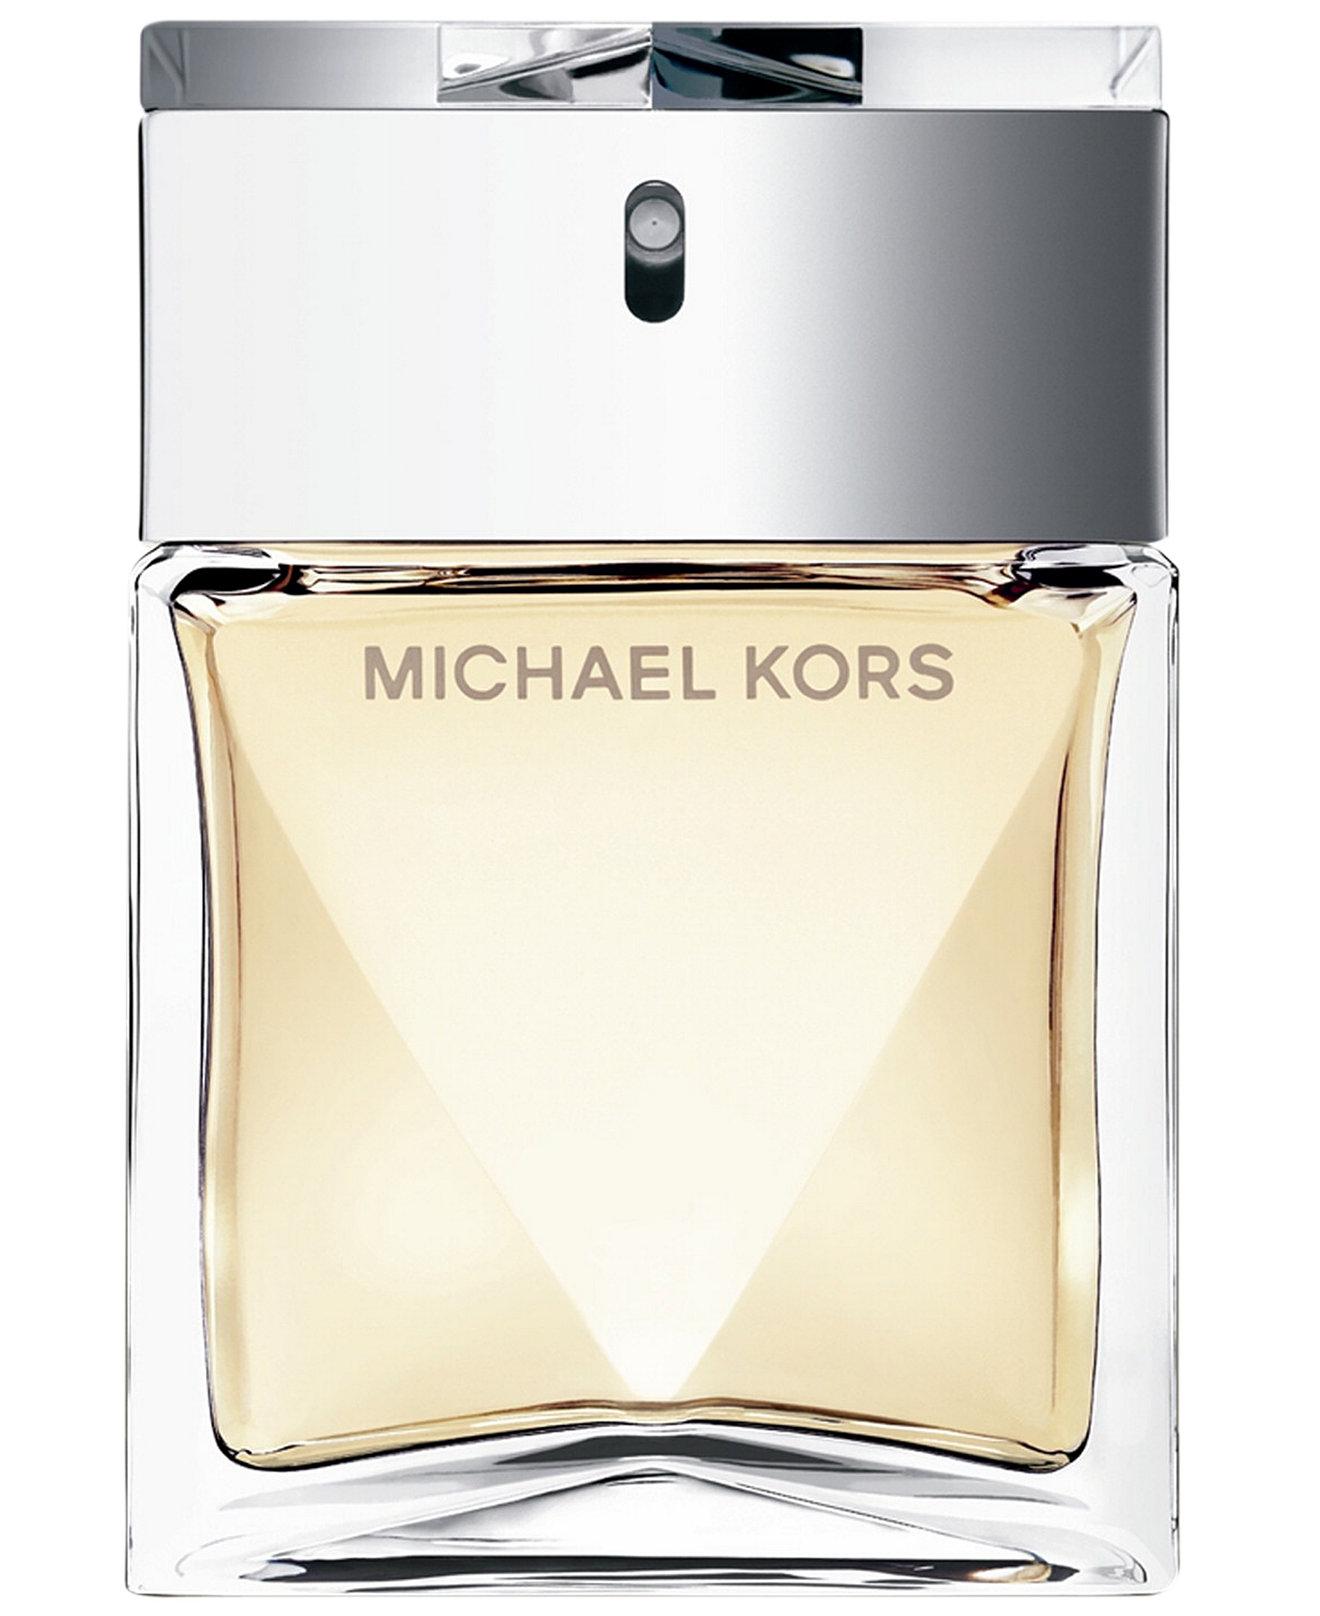 Michael Kors парфюмированная вода 100мл ()